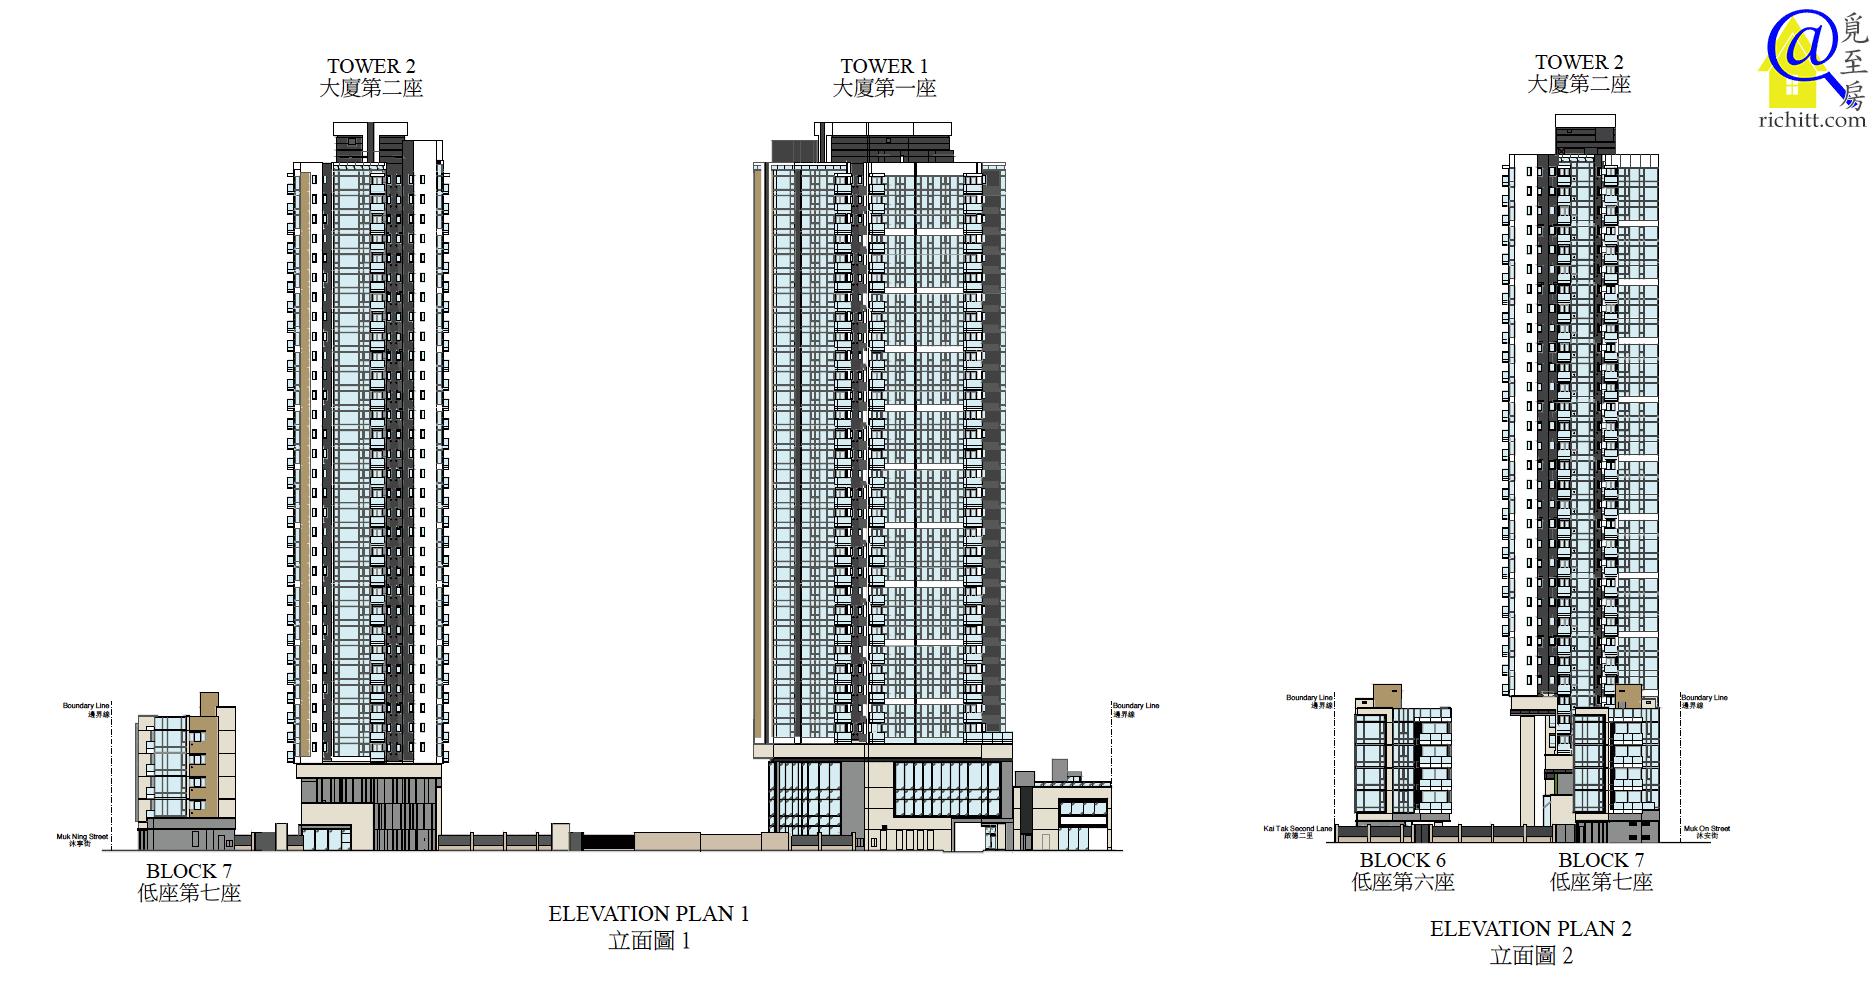 啟德1號立面圖1及2